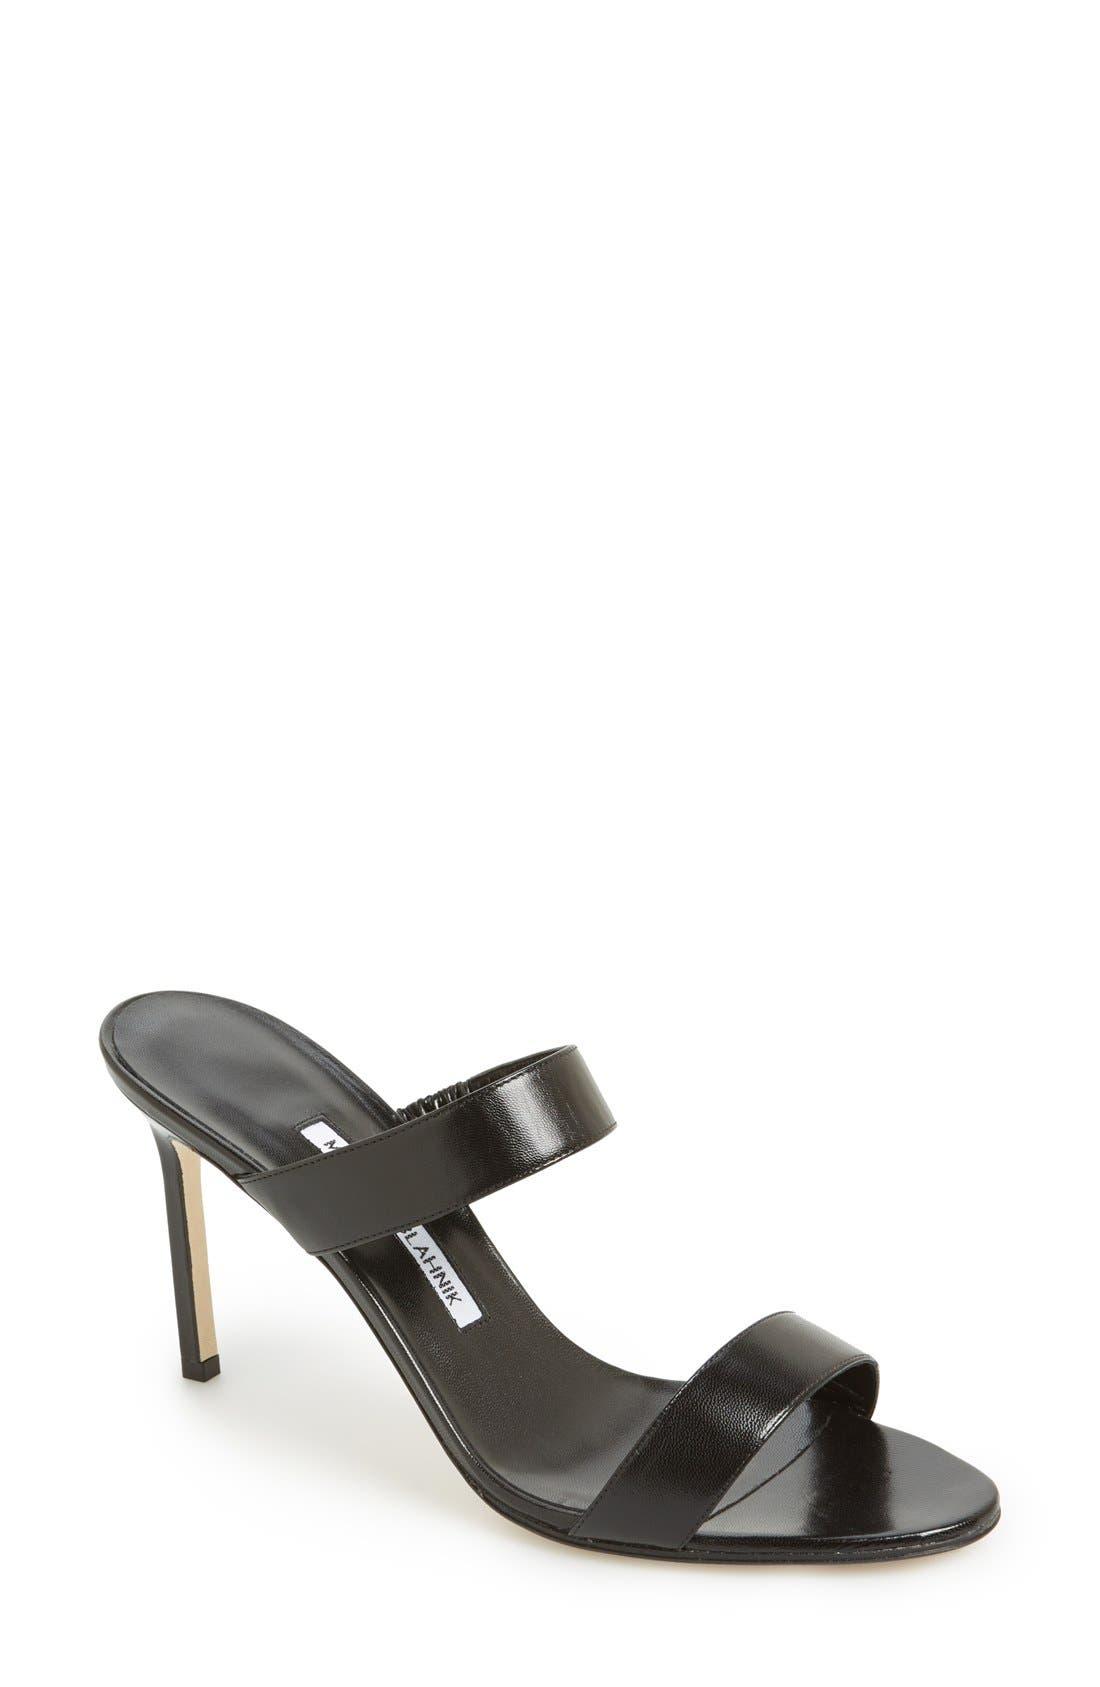 Alternate Image 1 Selected - Manolo Blahnik 'Muluca' Slide Sandal (Women)